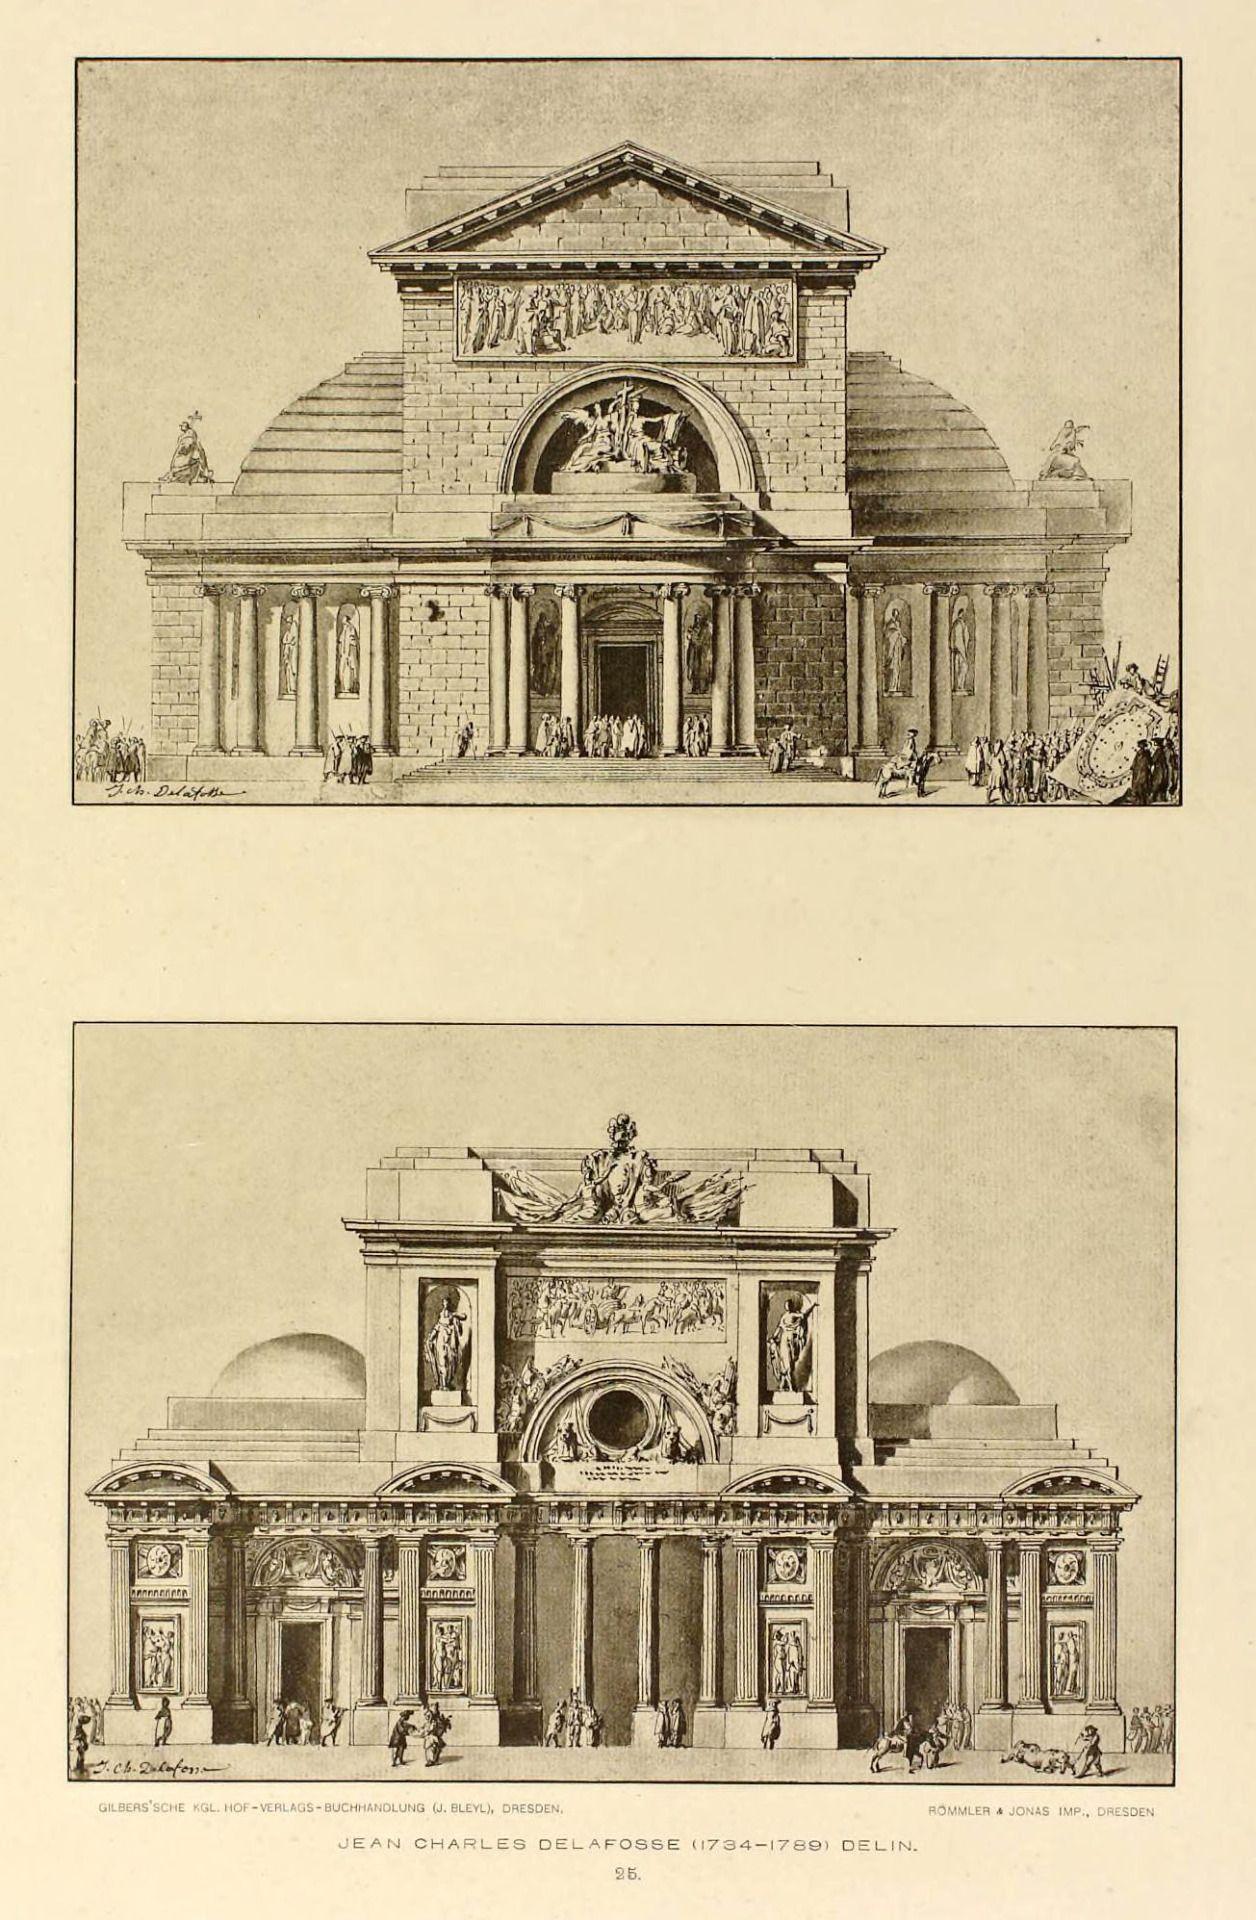 Temple designs jean charles delafosse architecture drawings architektur bau skizzen - Beruhmte architektur ...